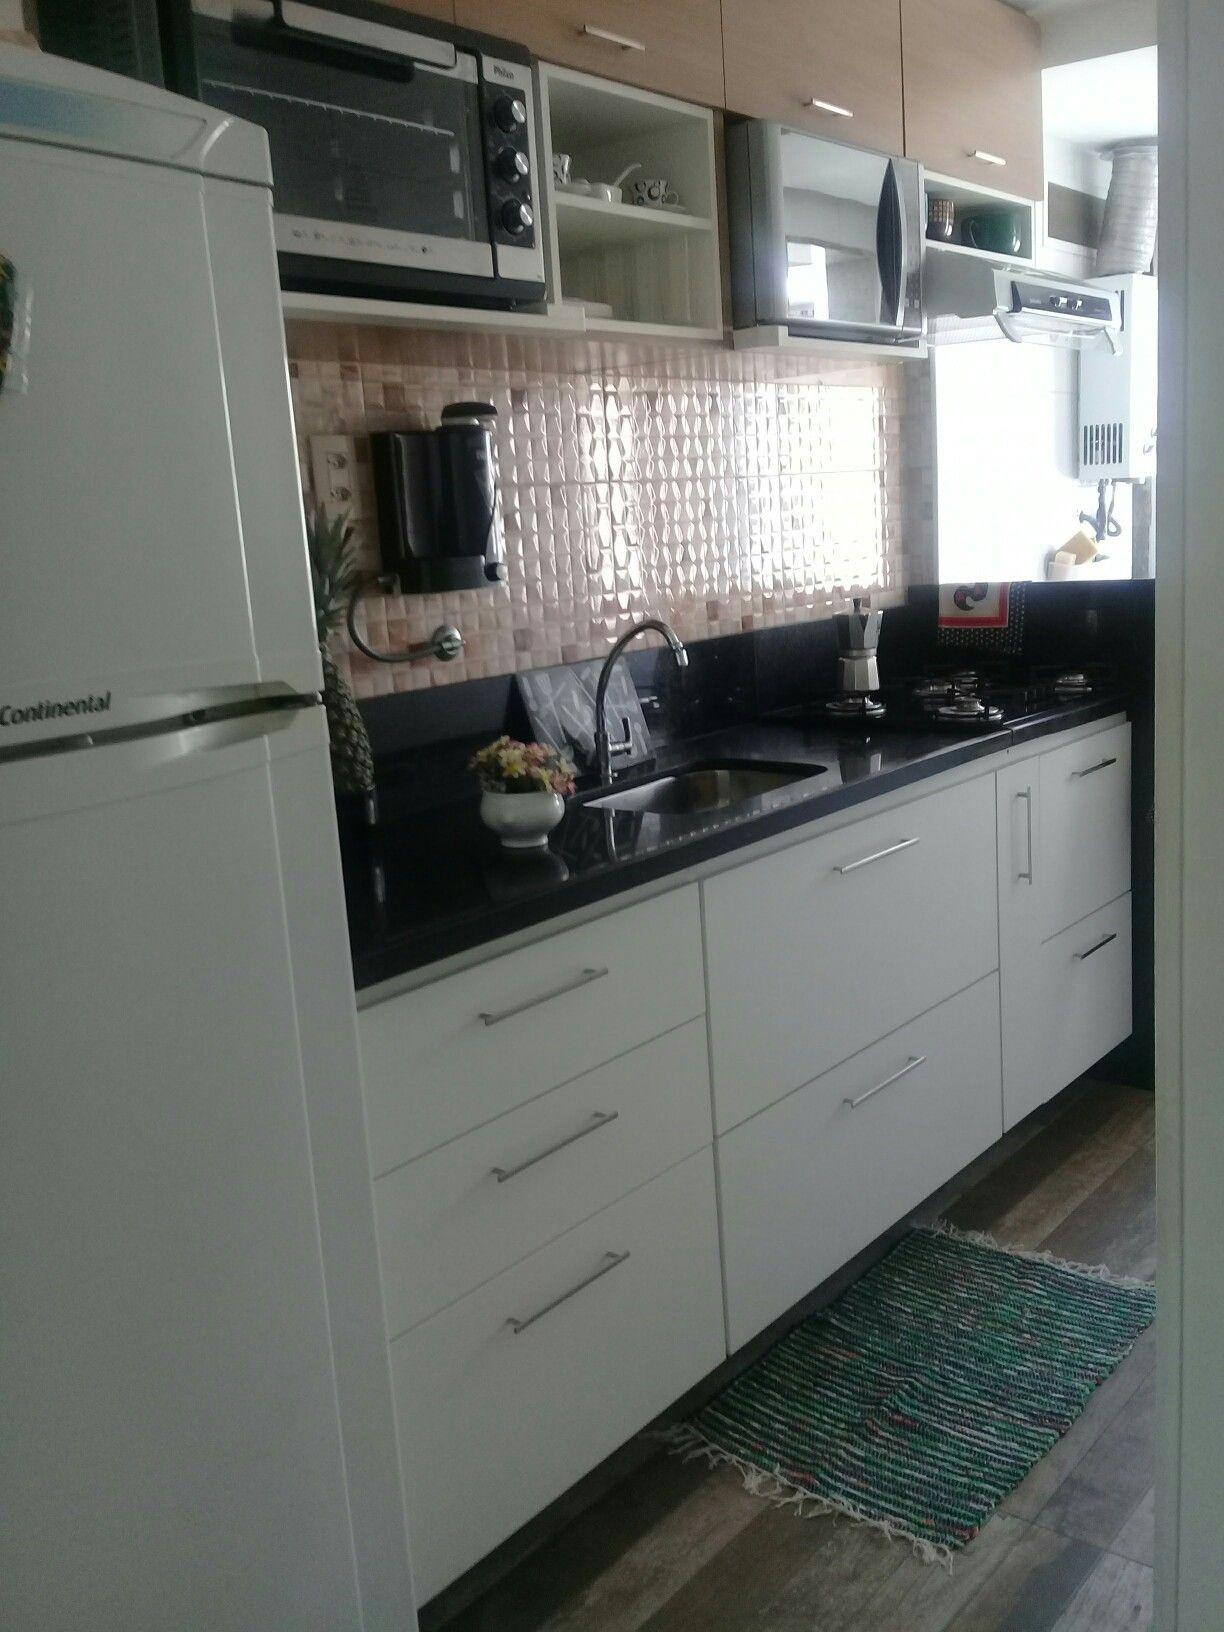 Cozinha Moderna E Pr Tica Piso Porcelanato Retificado Estilo